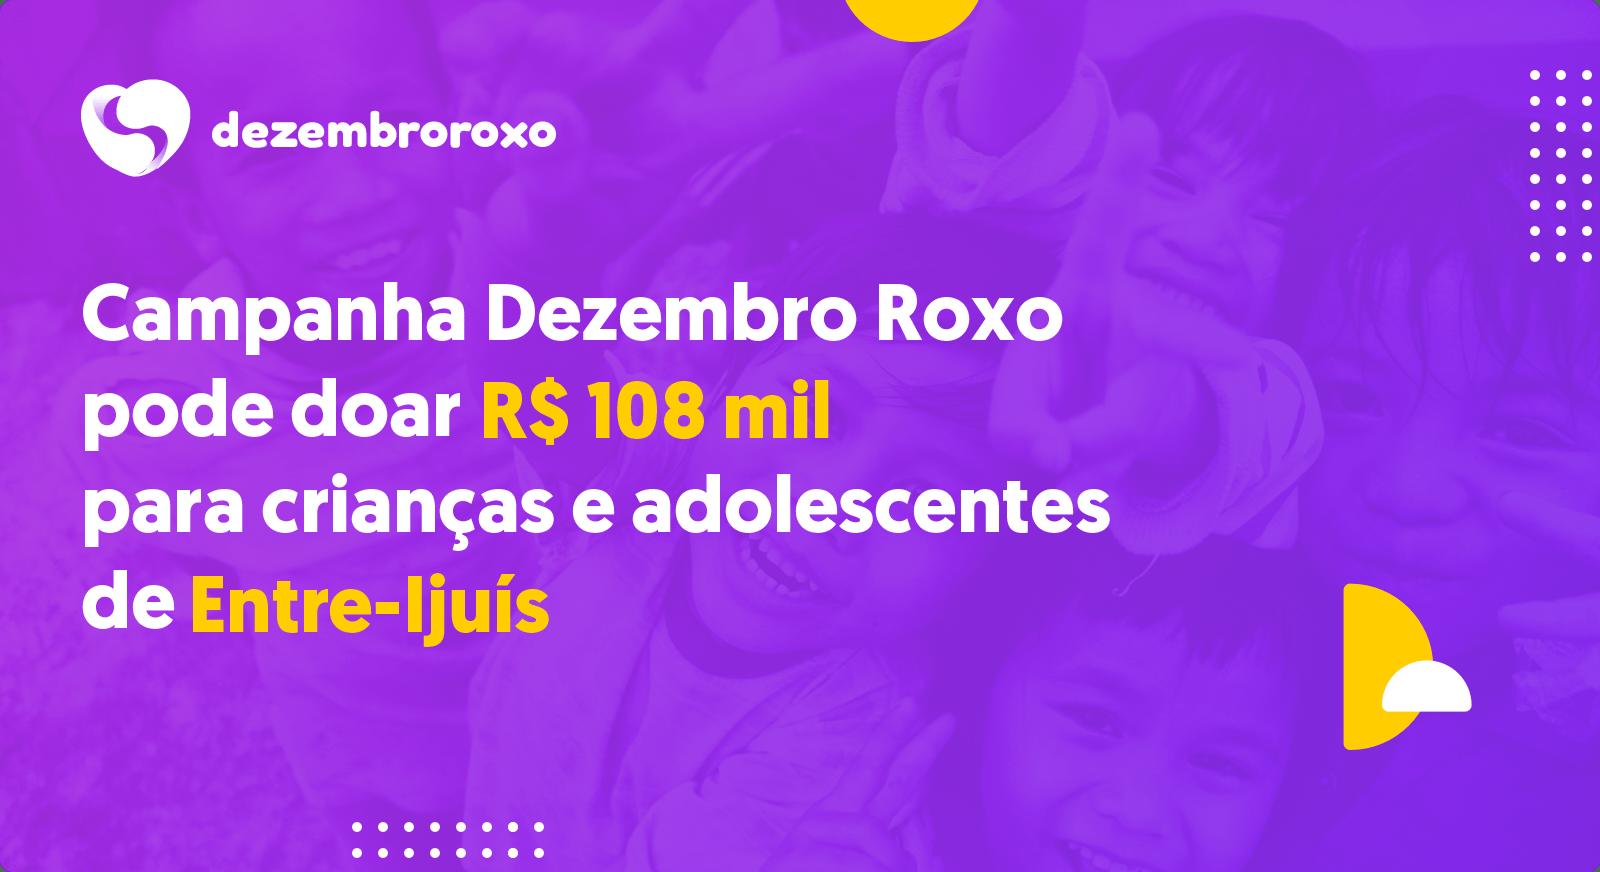 Doações em Entre-Ijuís - RS